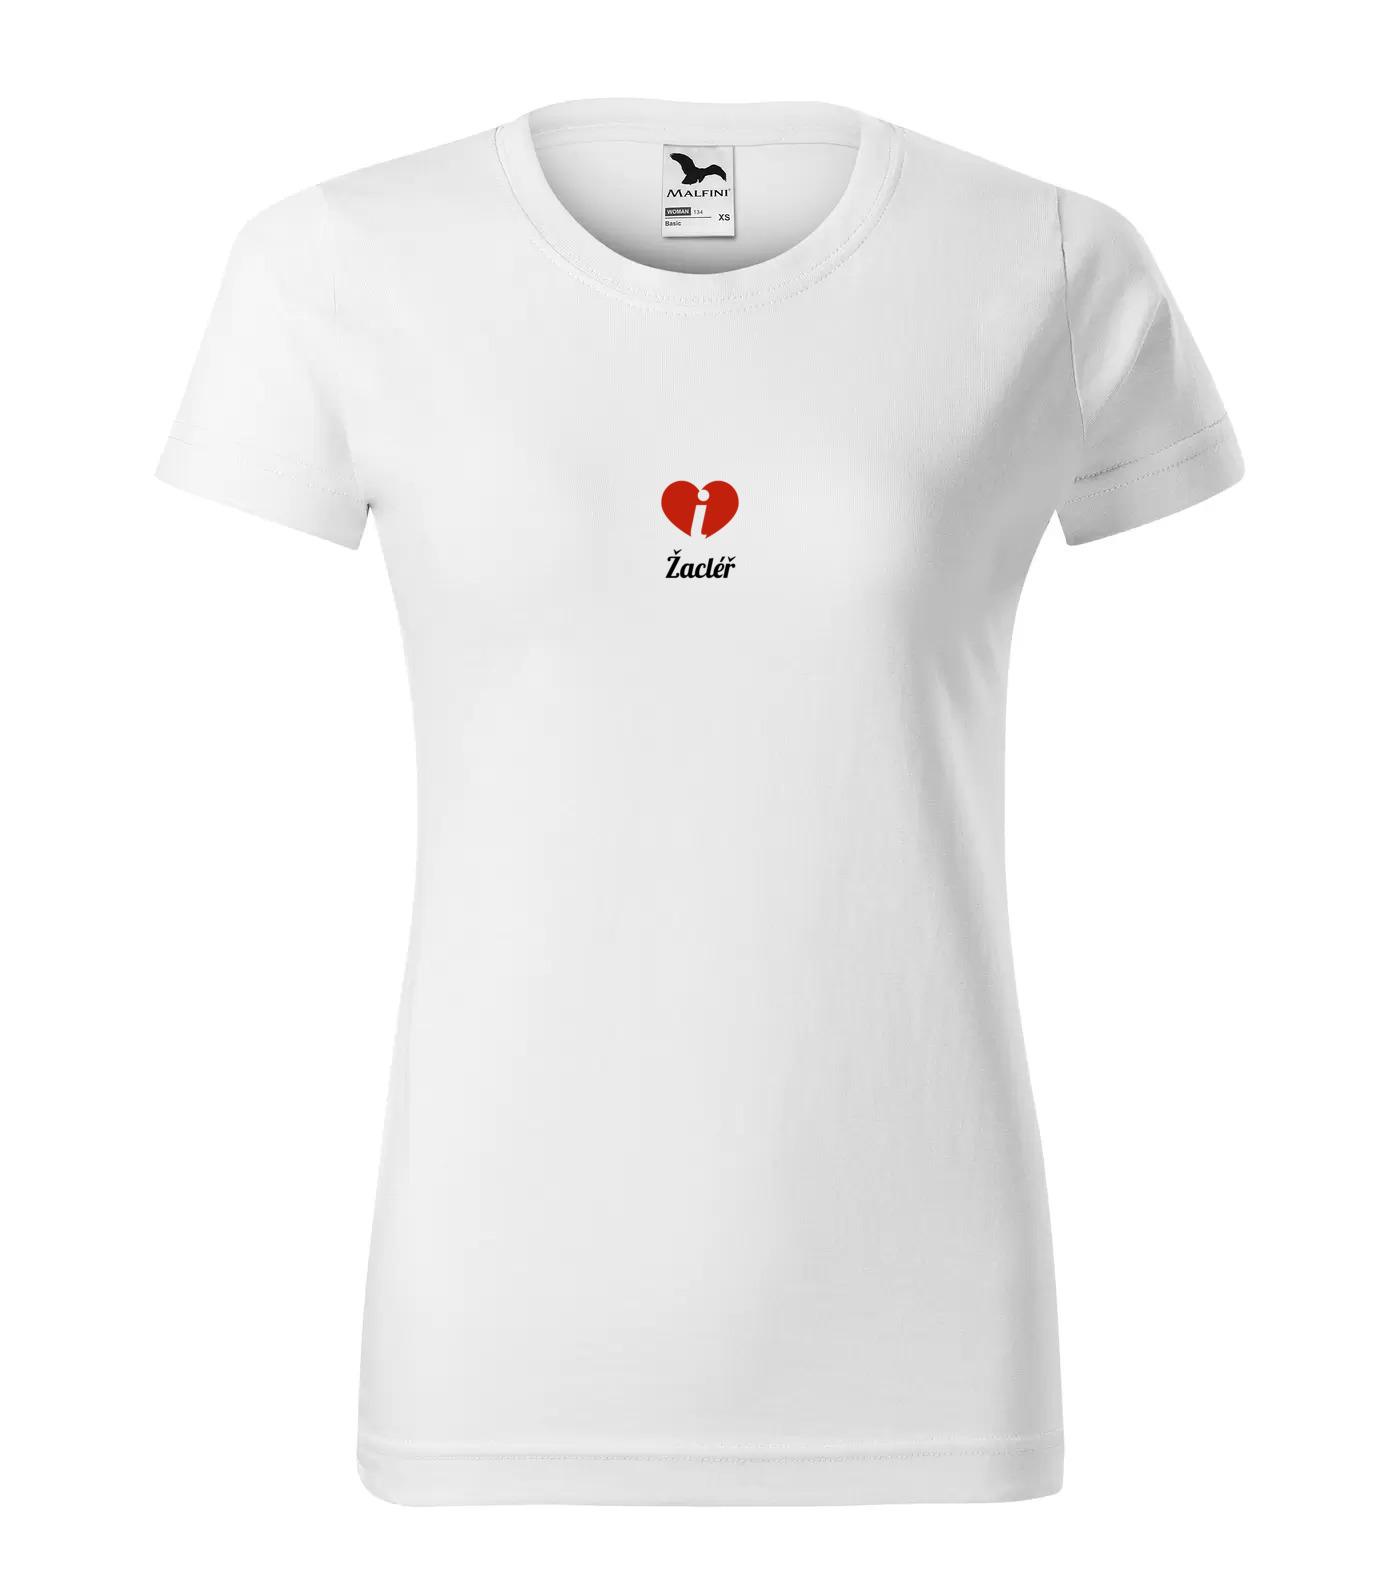 Tričko Žacléř